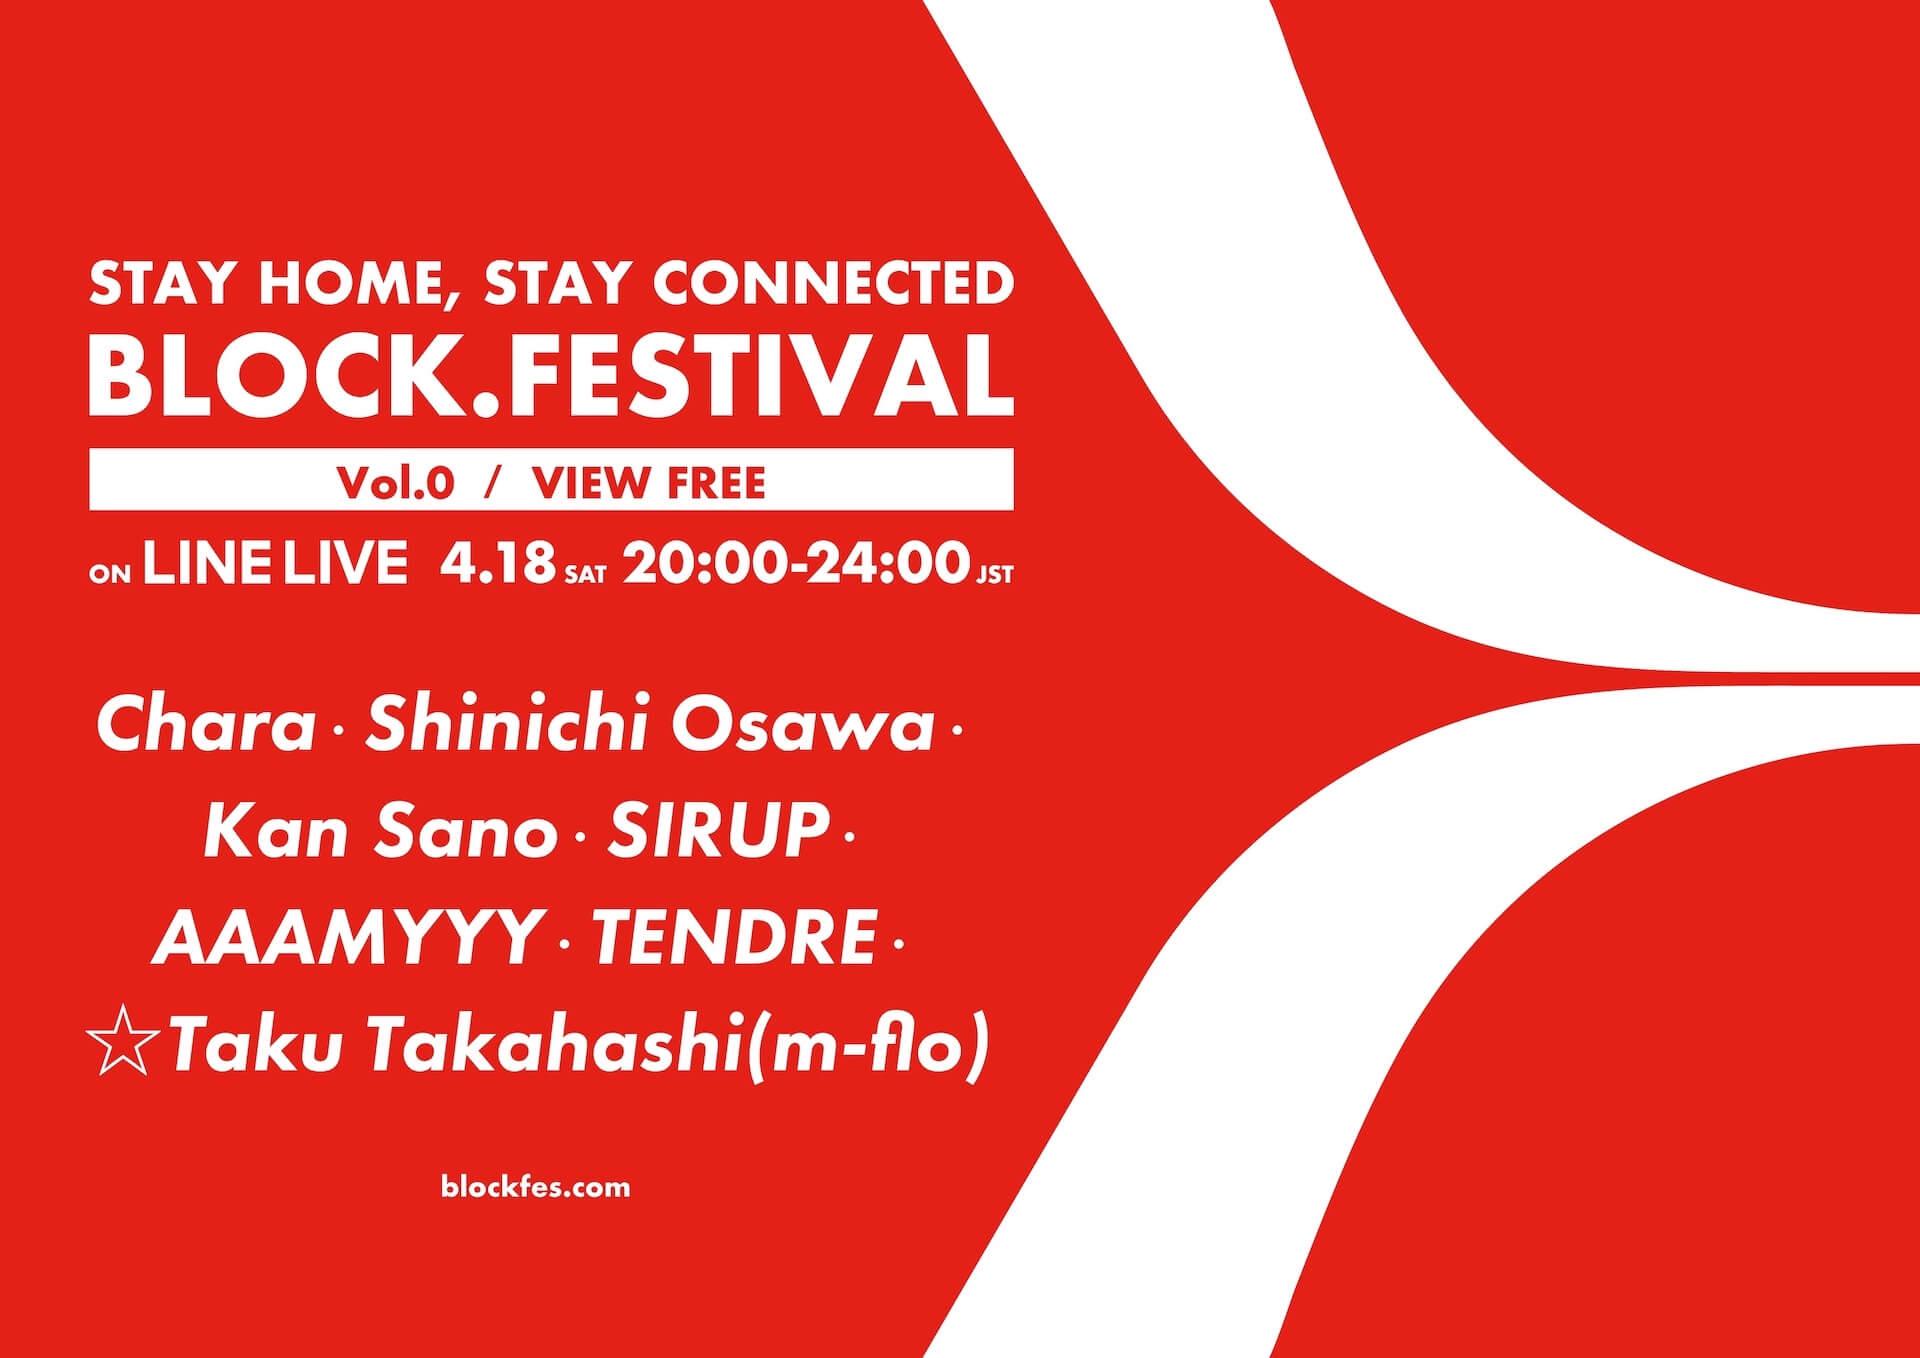 オンラインフェス<BLOCK.FESTIVAL>がLINE LIVEにて開催!Taku Takahashi、Charaらがライブやトークを配信 music200413_blockfes_09